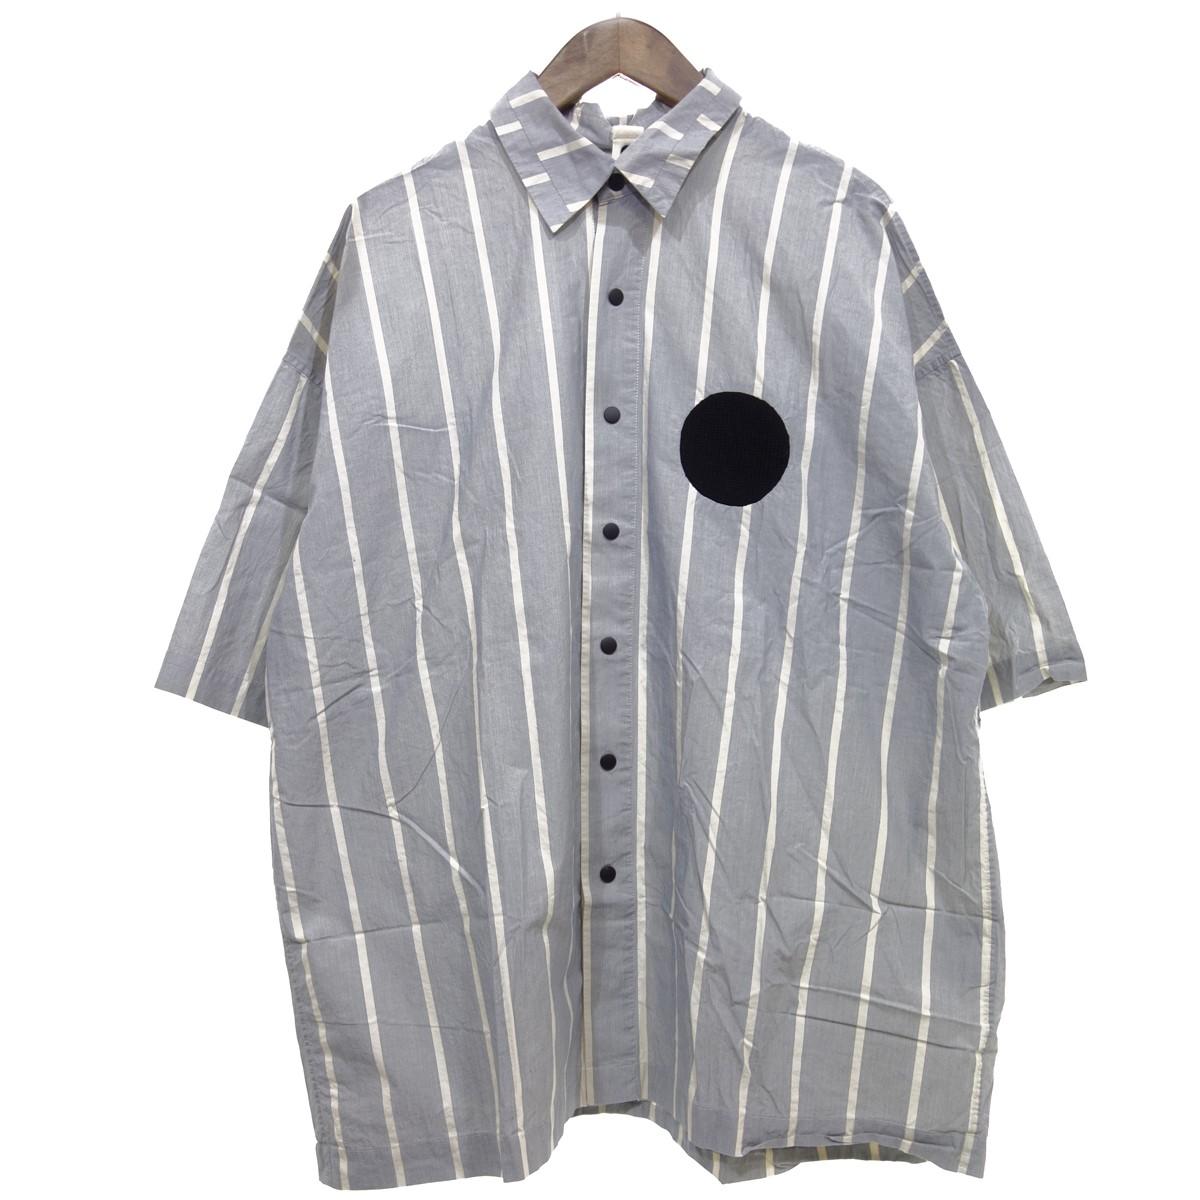 【中古】my beautiful landlet タイプライタークロスワイドシャツ ストライプ ライトブルー×ホワイト サイズ:0 【260320】(マイ ビューティフル ランドレット)